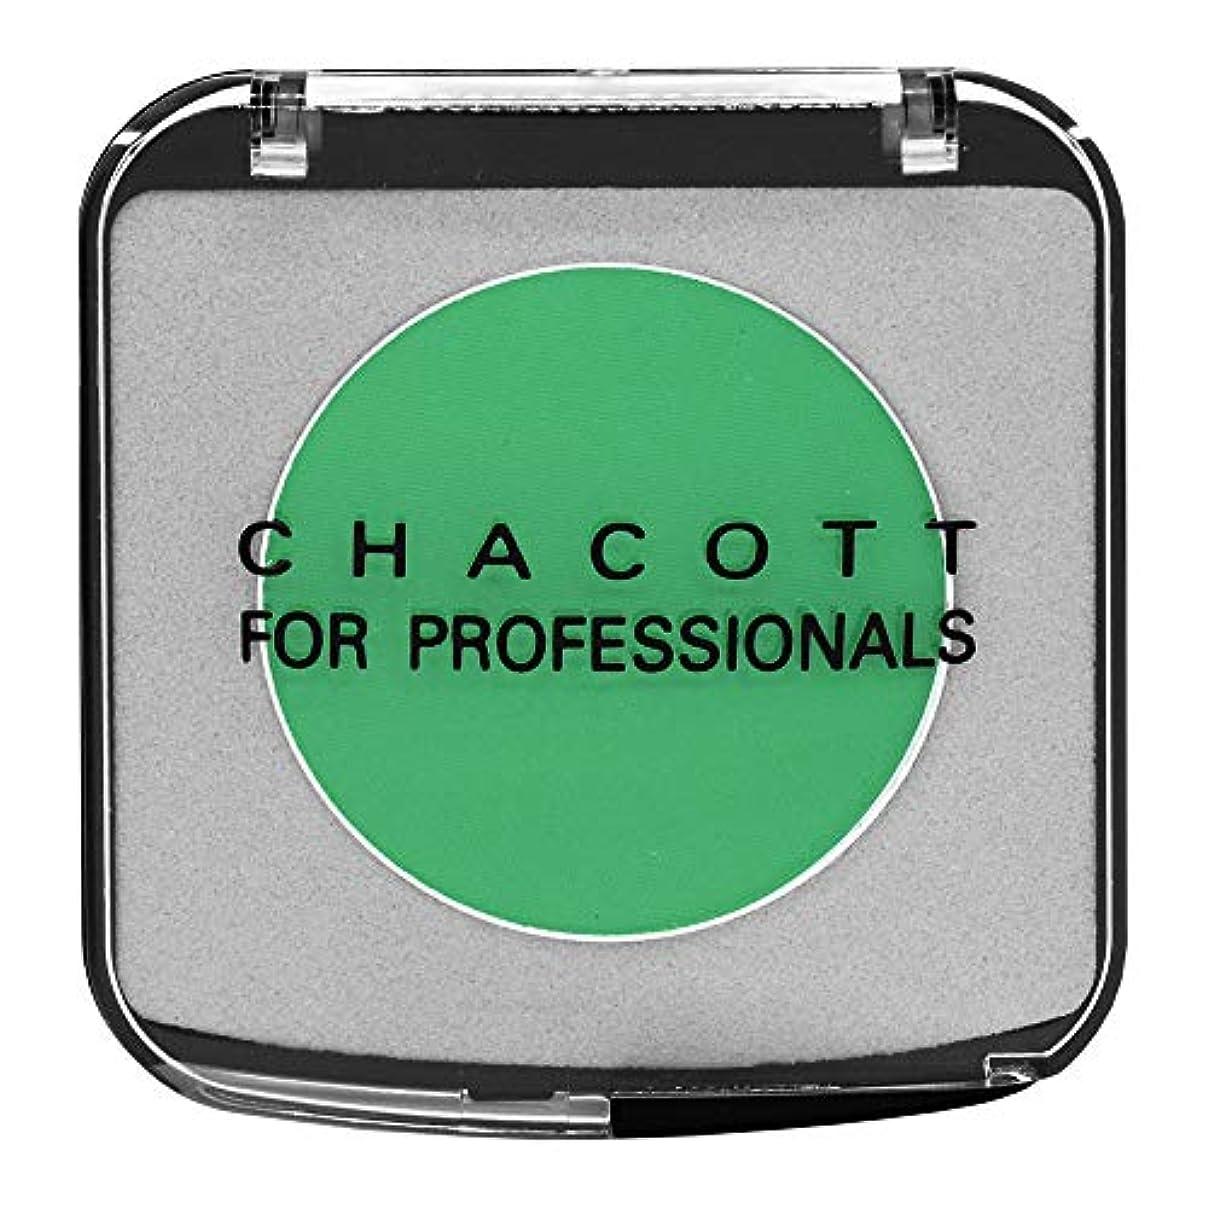 中古環境服を着るCHACOTT<チャコット> カラーバリエーション 633.グラスグリーン